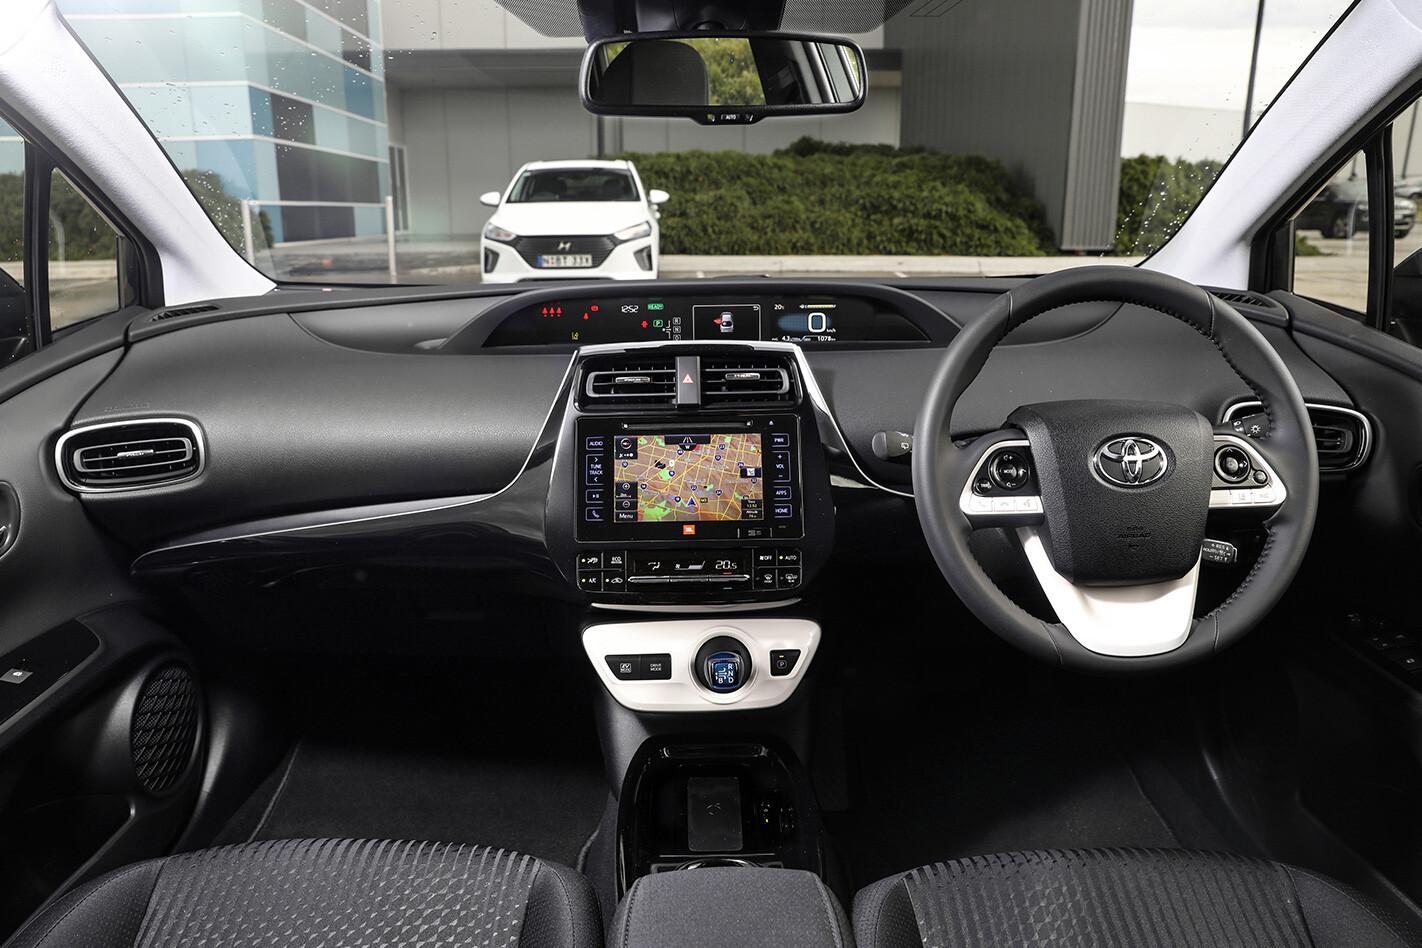 Hyundai Toyota Hybrid Toyota Interior Jpg